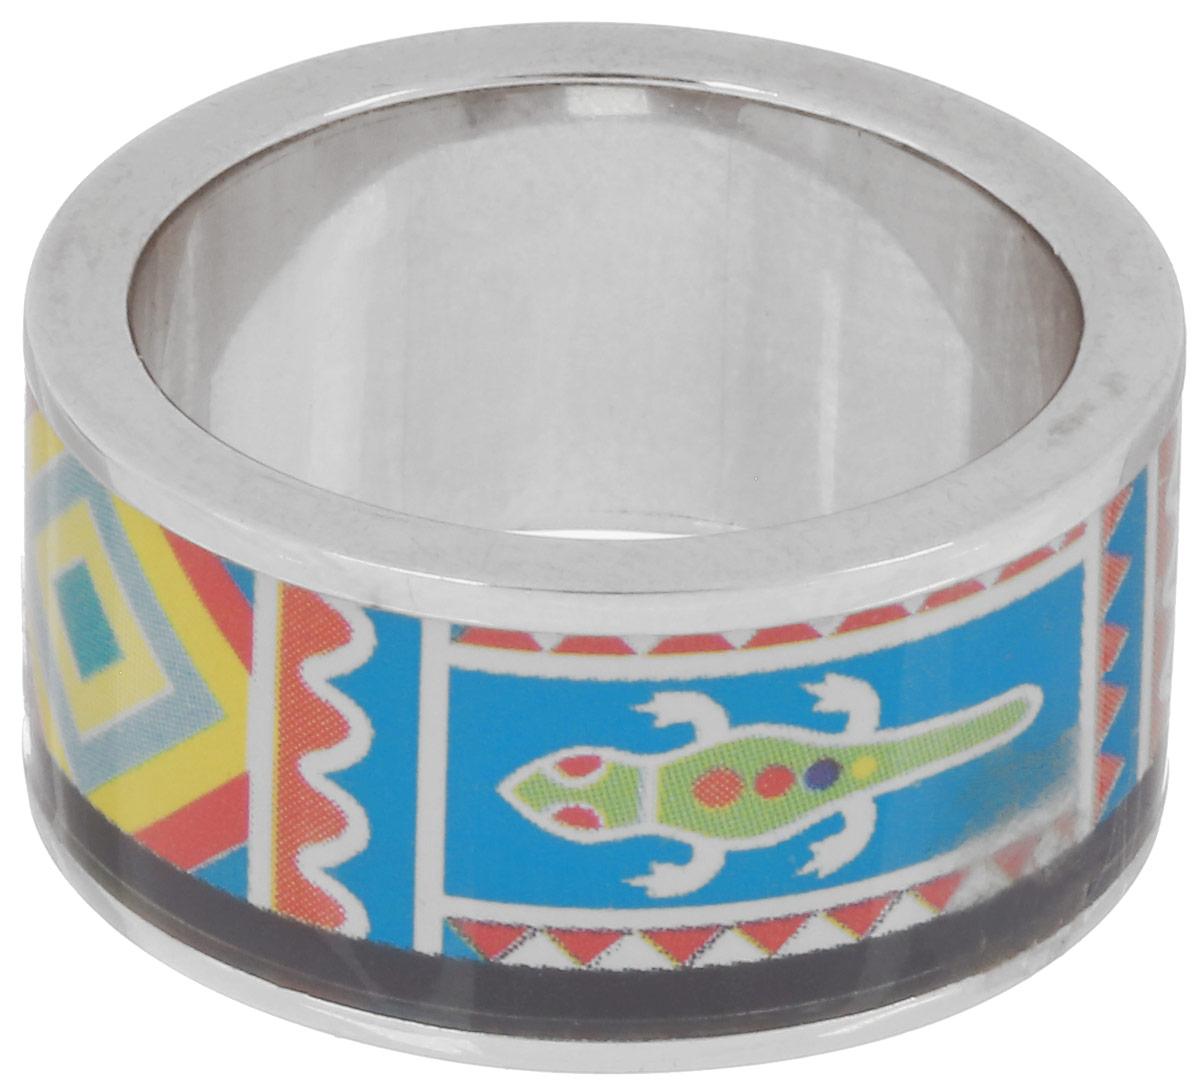 Кольцо Art-Silver, цвет: серебристый, голубой, мультиколор. ФК103-320. Размер 18,5Коктейльное кольцоВеликолепное кольцо Art-Silver изготовлено из бижутерного сплава. Изделие с покрытием из эмали оформлено принтом в виде оригинального орнамента.Стильное кольцо придаст вашему образу изюминку и подчеркнет индивидуальность.